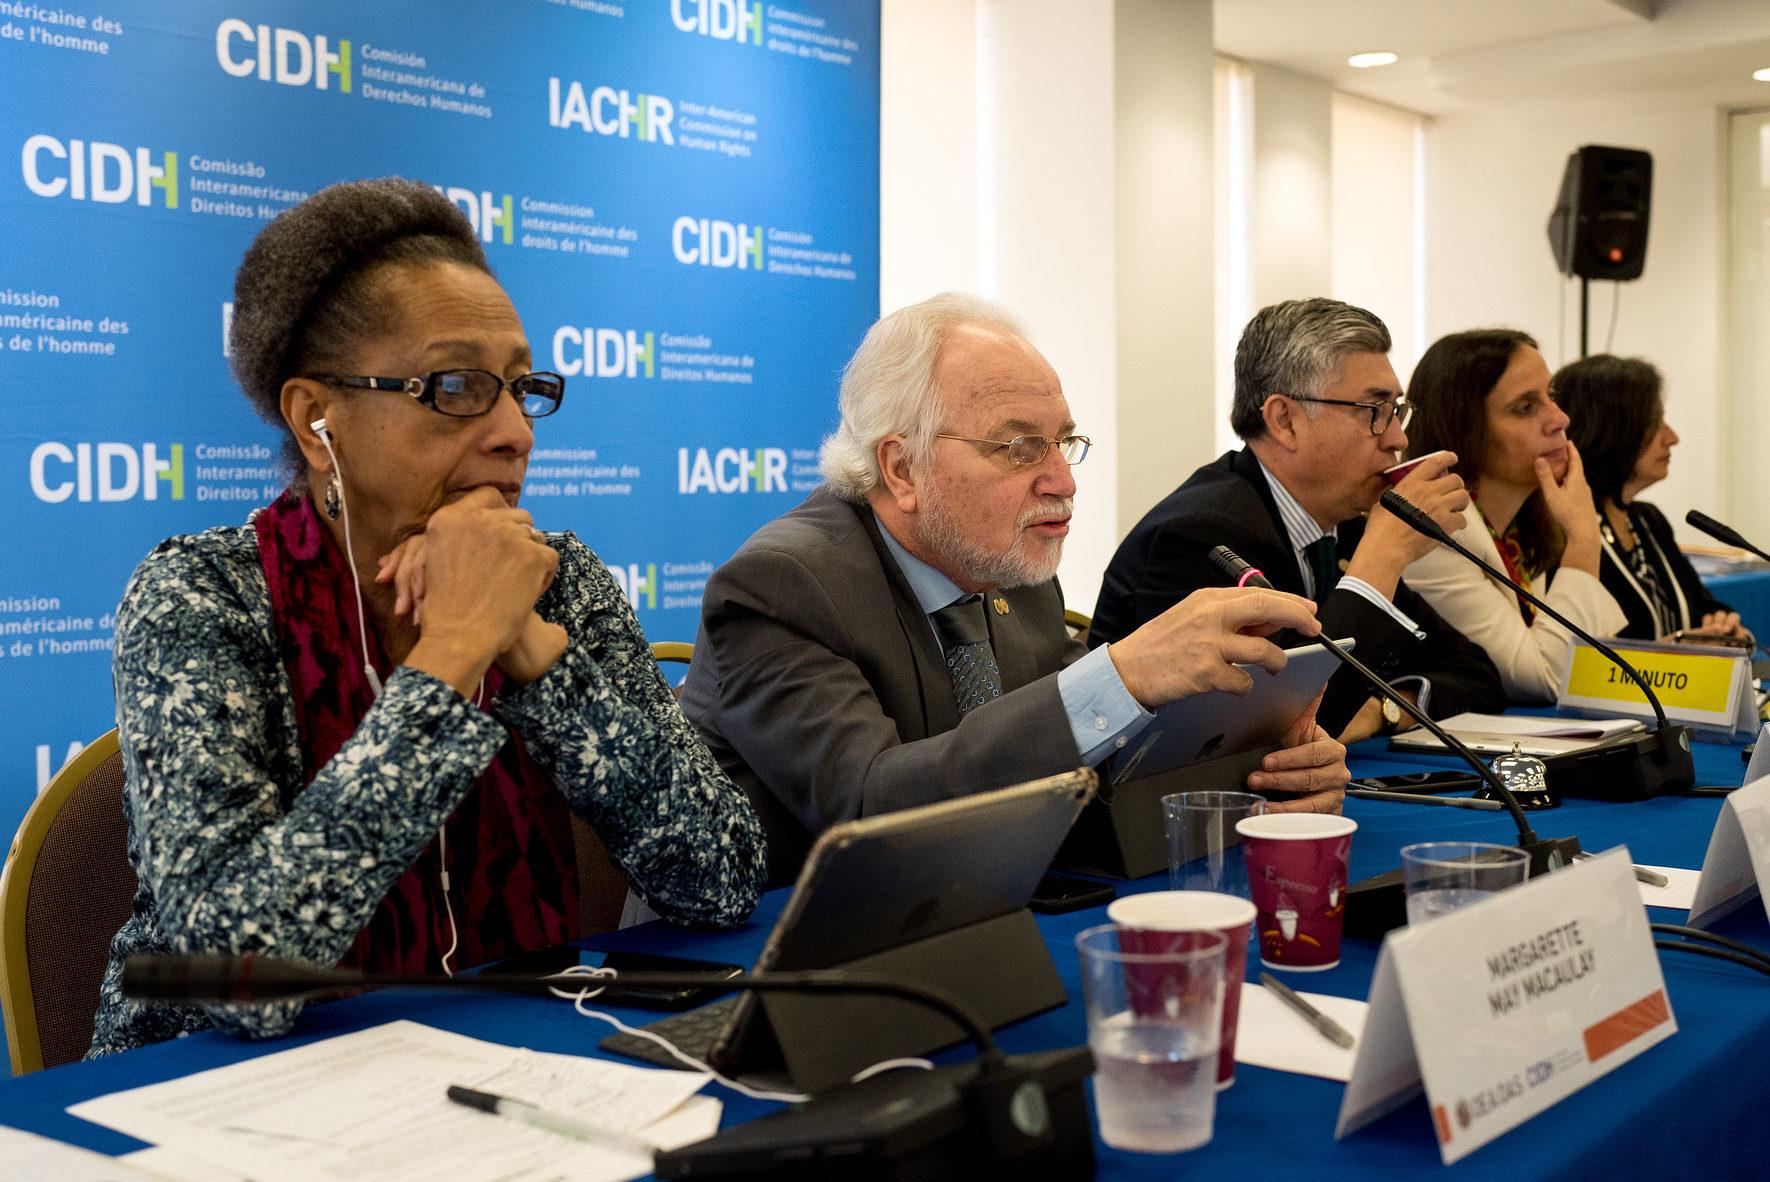 CIDH solicita al Gobierno visita a Chile para observar situación de DD.HH.